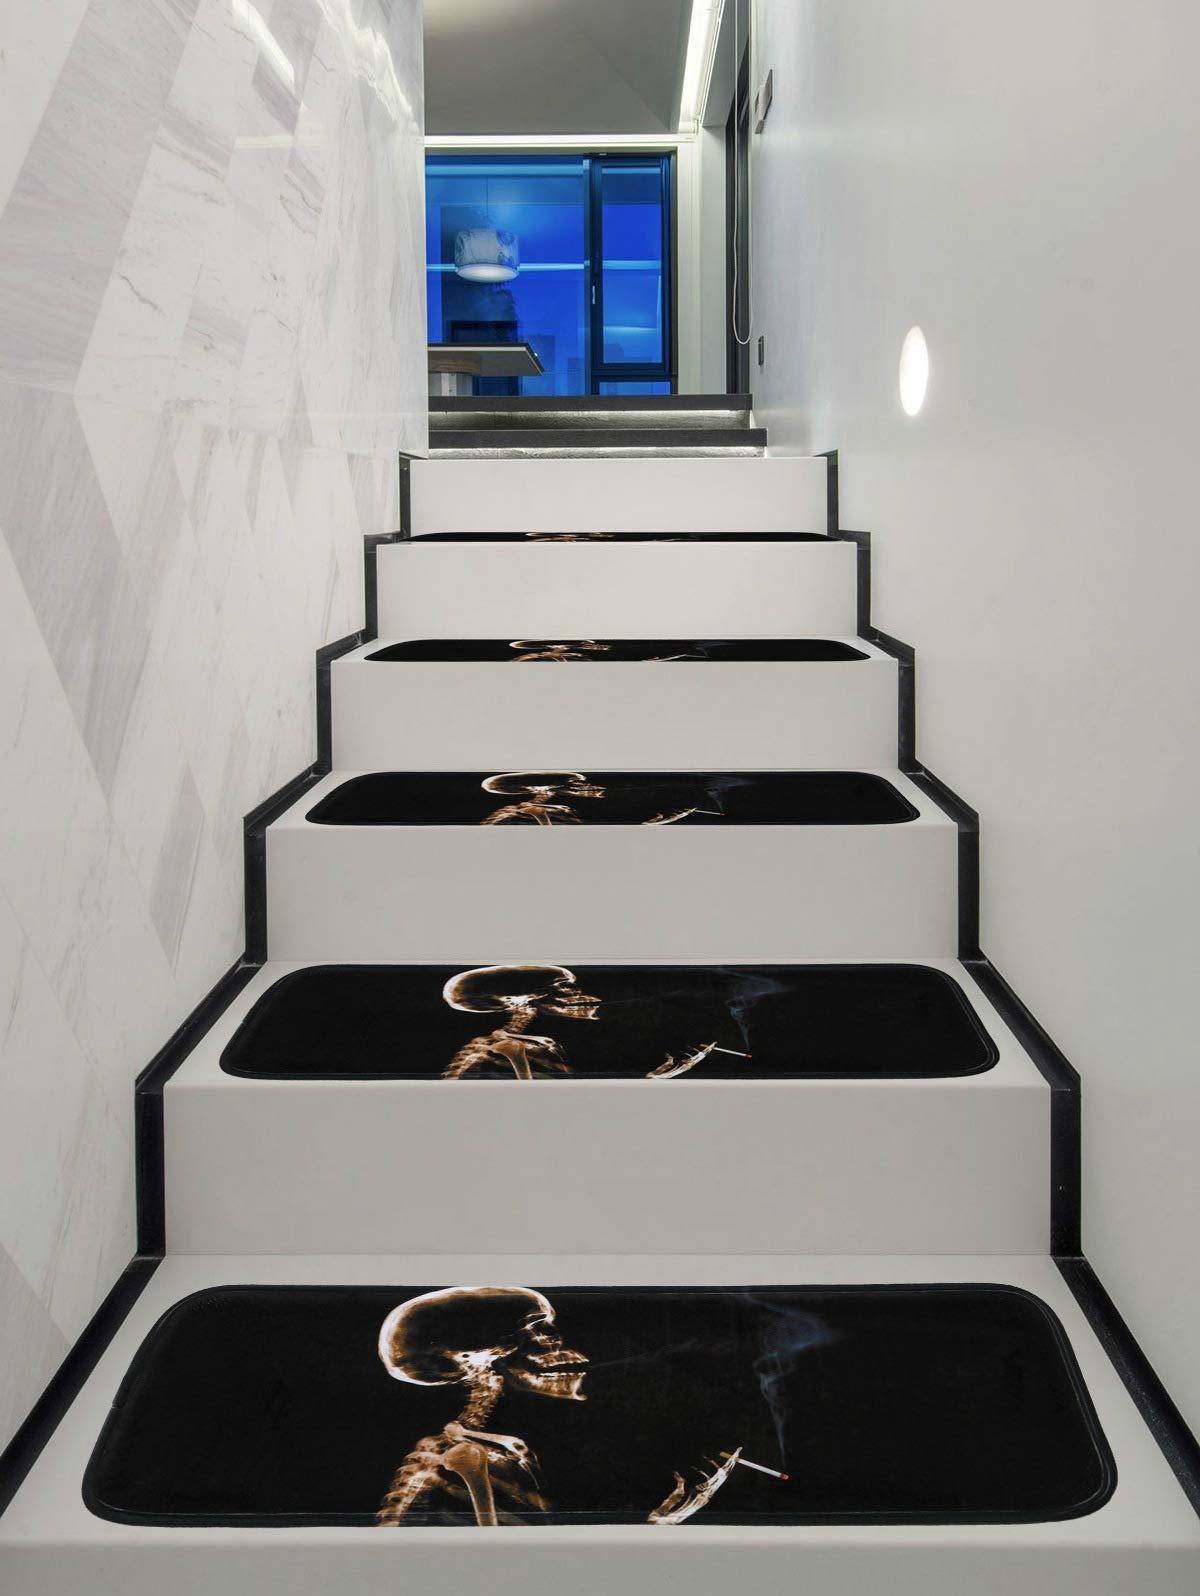 KKJJ Antideslizante Alfombra de la Escalera habitación Esteras de la Escalera Diseño de Calavera fumadora Tiras Autoadhesivas para escalones, Seguridad para niños, Ancianos y Mascotas,5PCS: Amazon.es: Hogar